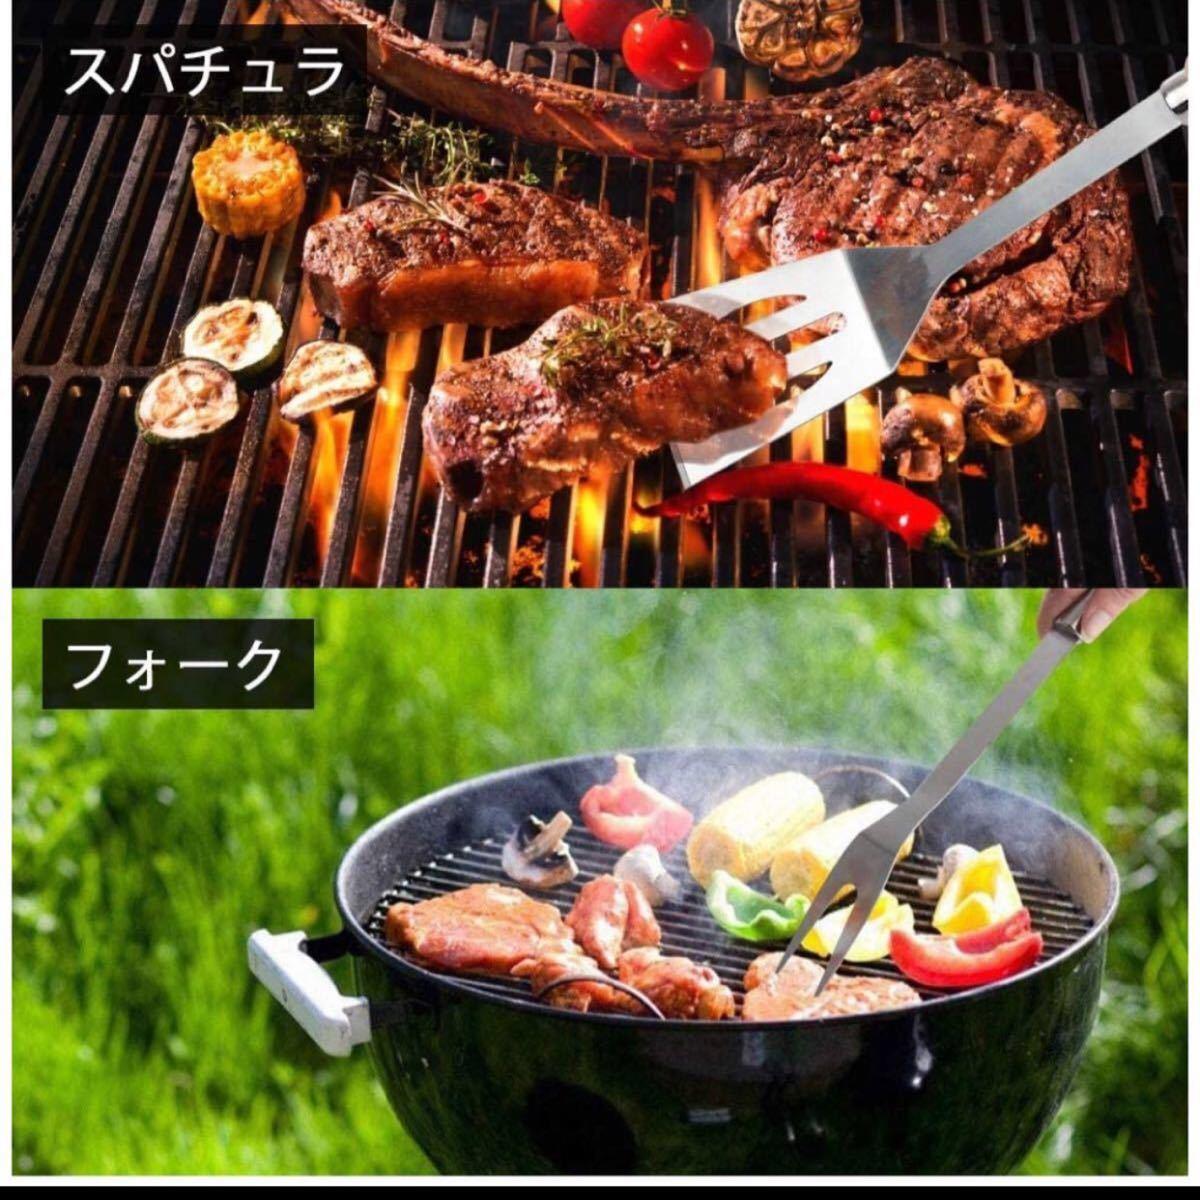 バーベキュー 調理器具 BBQセット クッキングツールキャンプ用品 22点セット